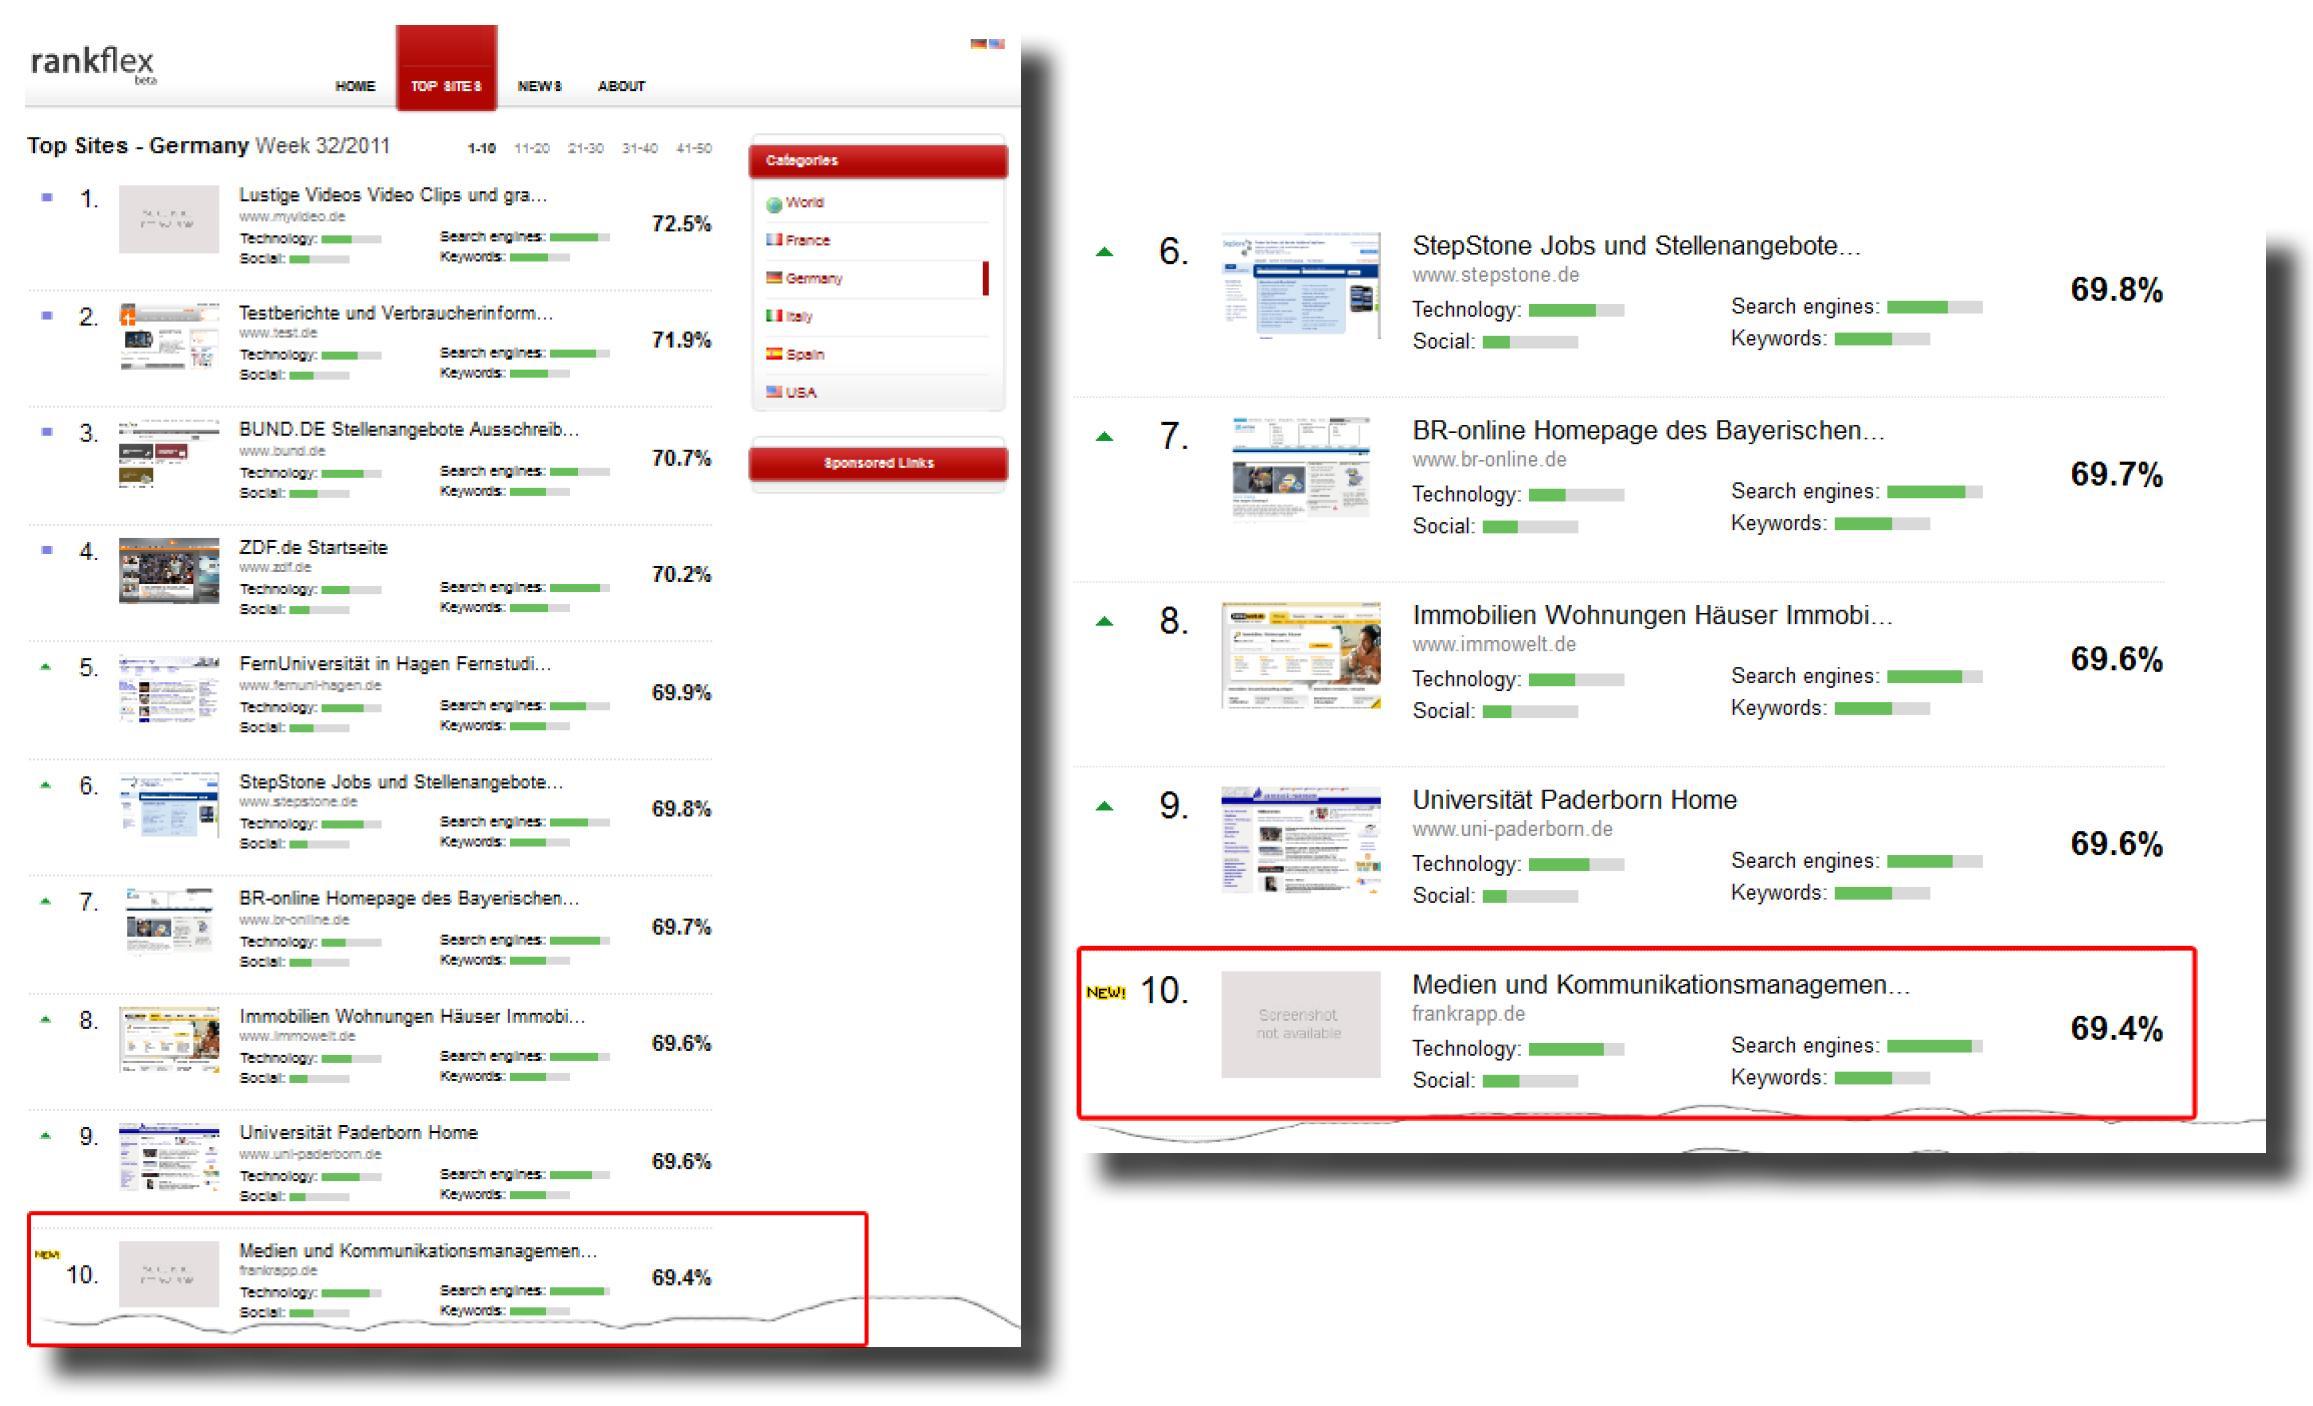 Die Internetseite frankrapp.de gehört zu den Top 10 Webseiten Deutschlands.